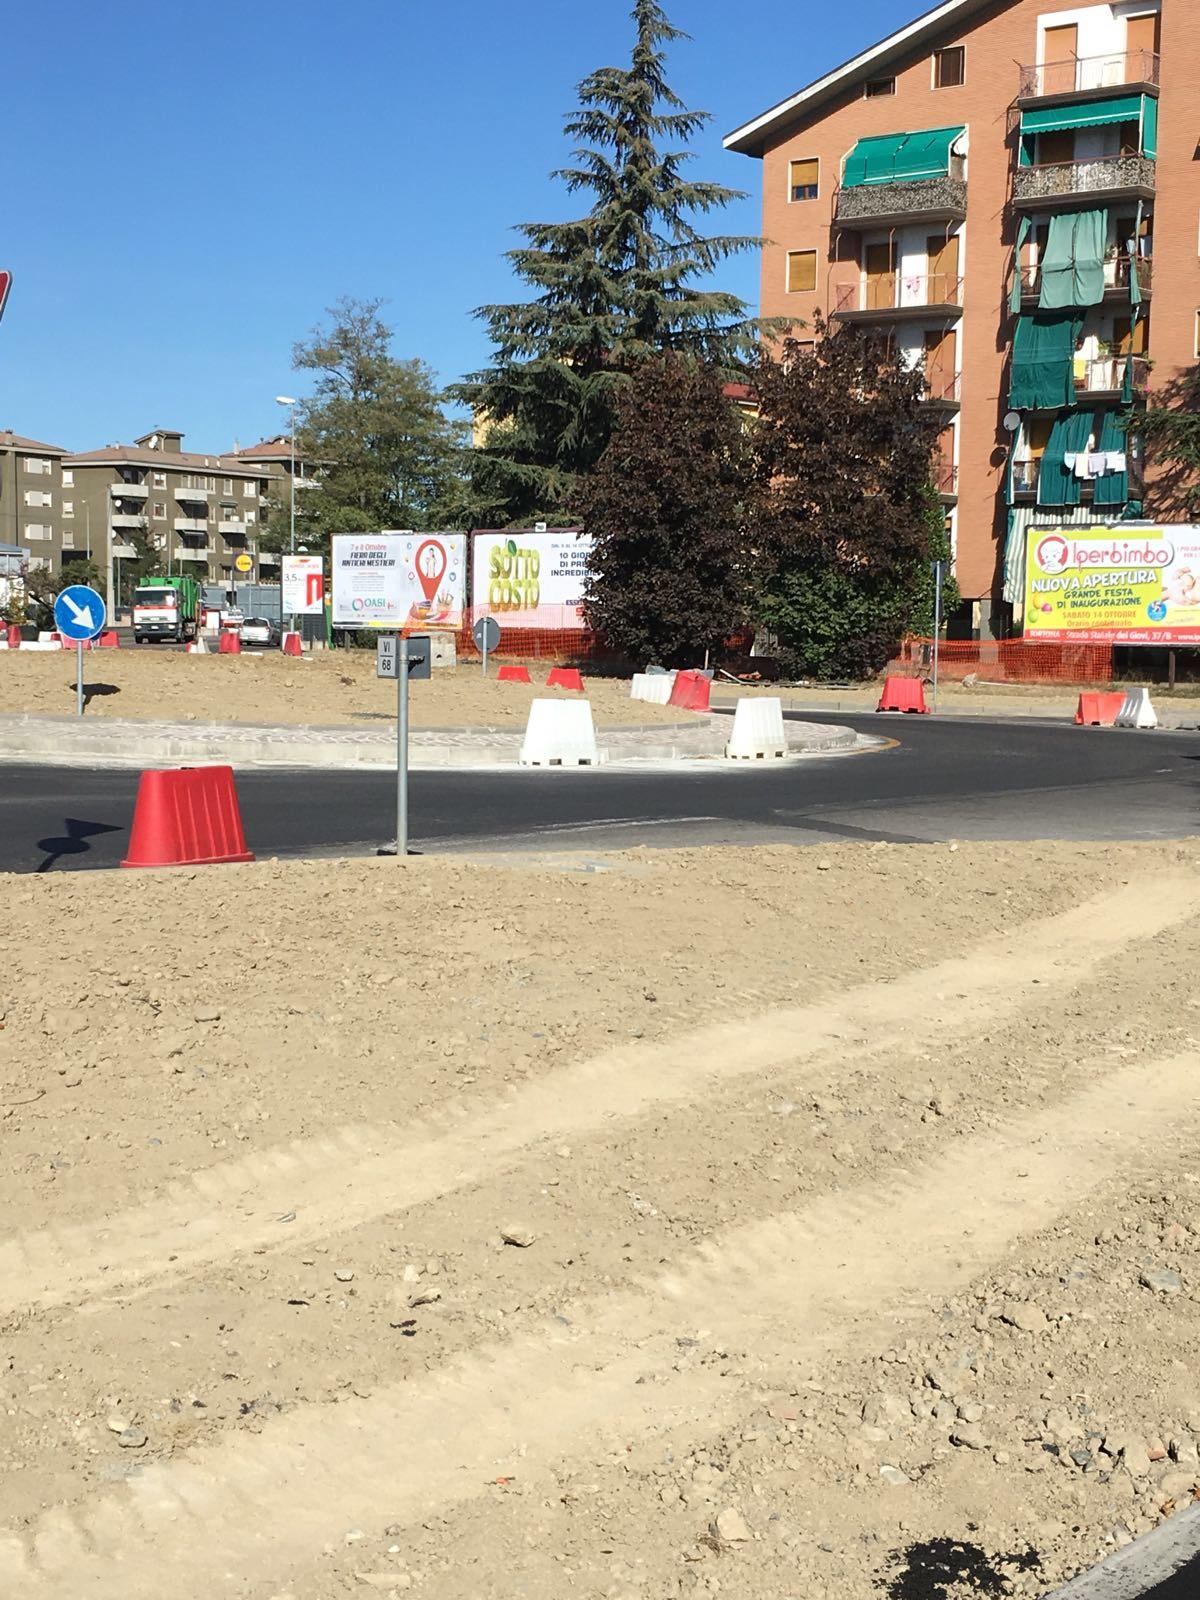 Interventi di manutenzione su strade e marciapiedi di tortona - Interventi di manutenzione ...